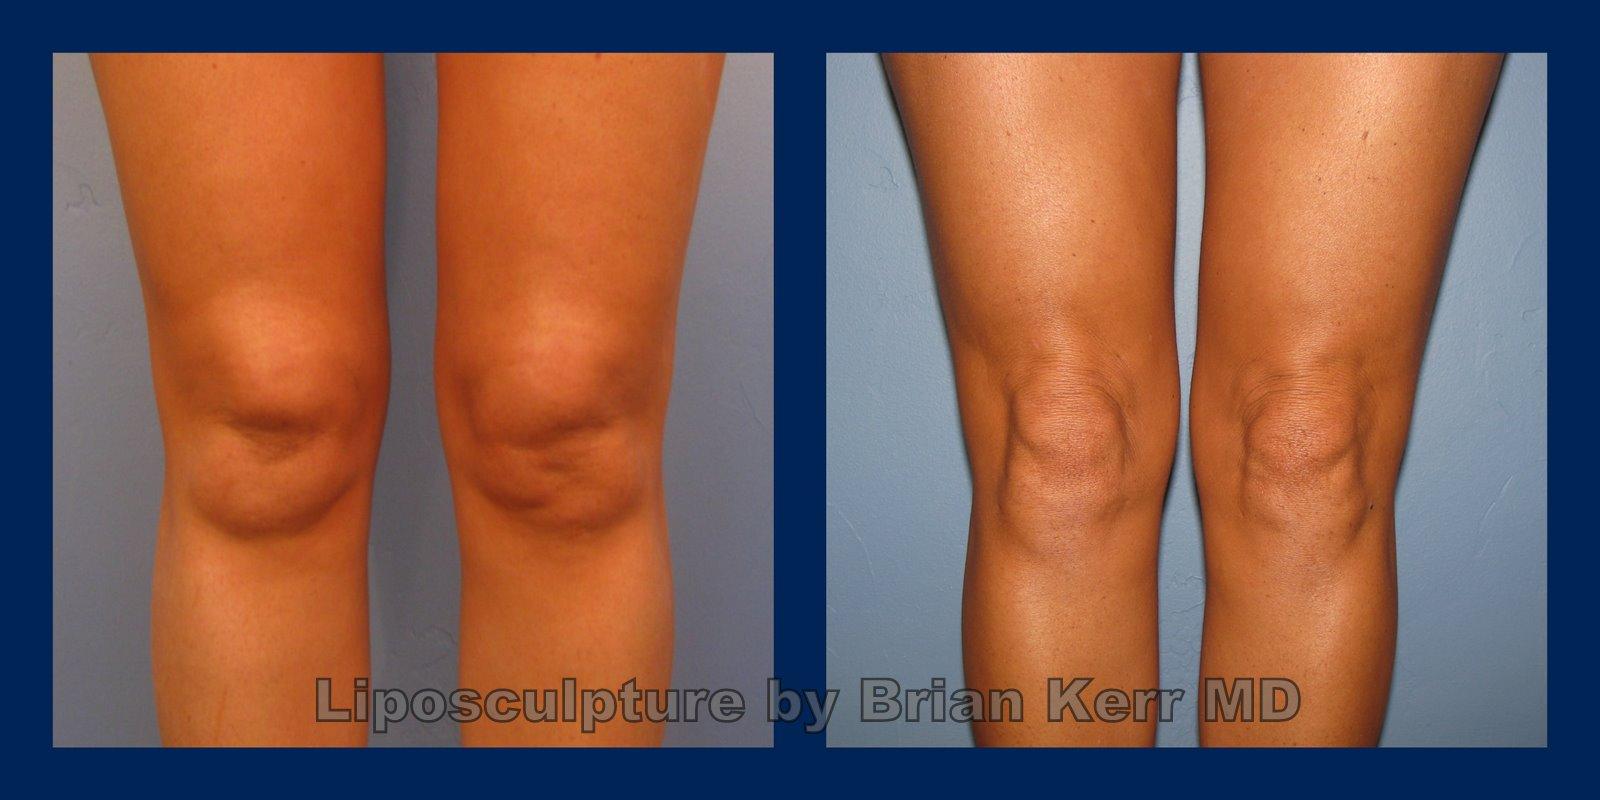 Knee liposuction, smartlipo,vaser, before after, Brian Kerr MD.P,k (2)